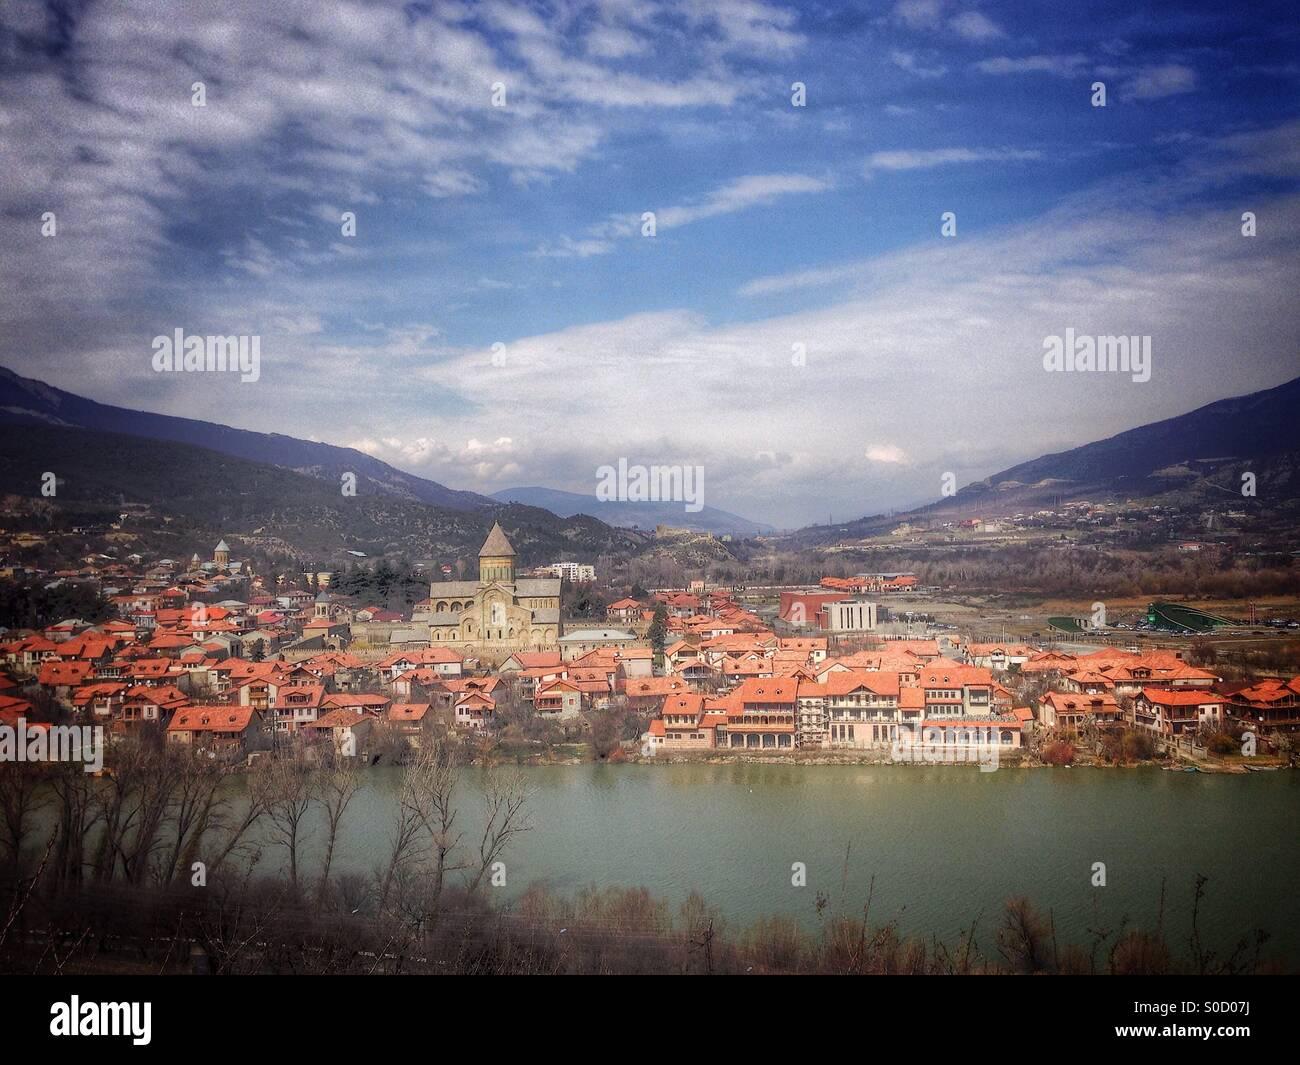 Mtskheta town Georgia, Asia. - Stock Image